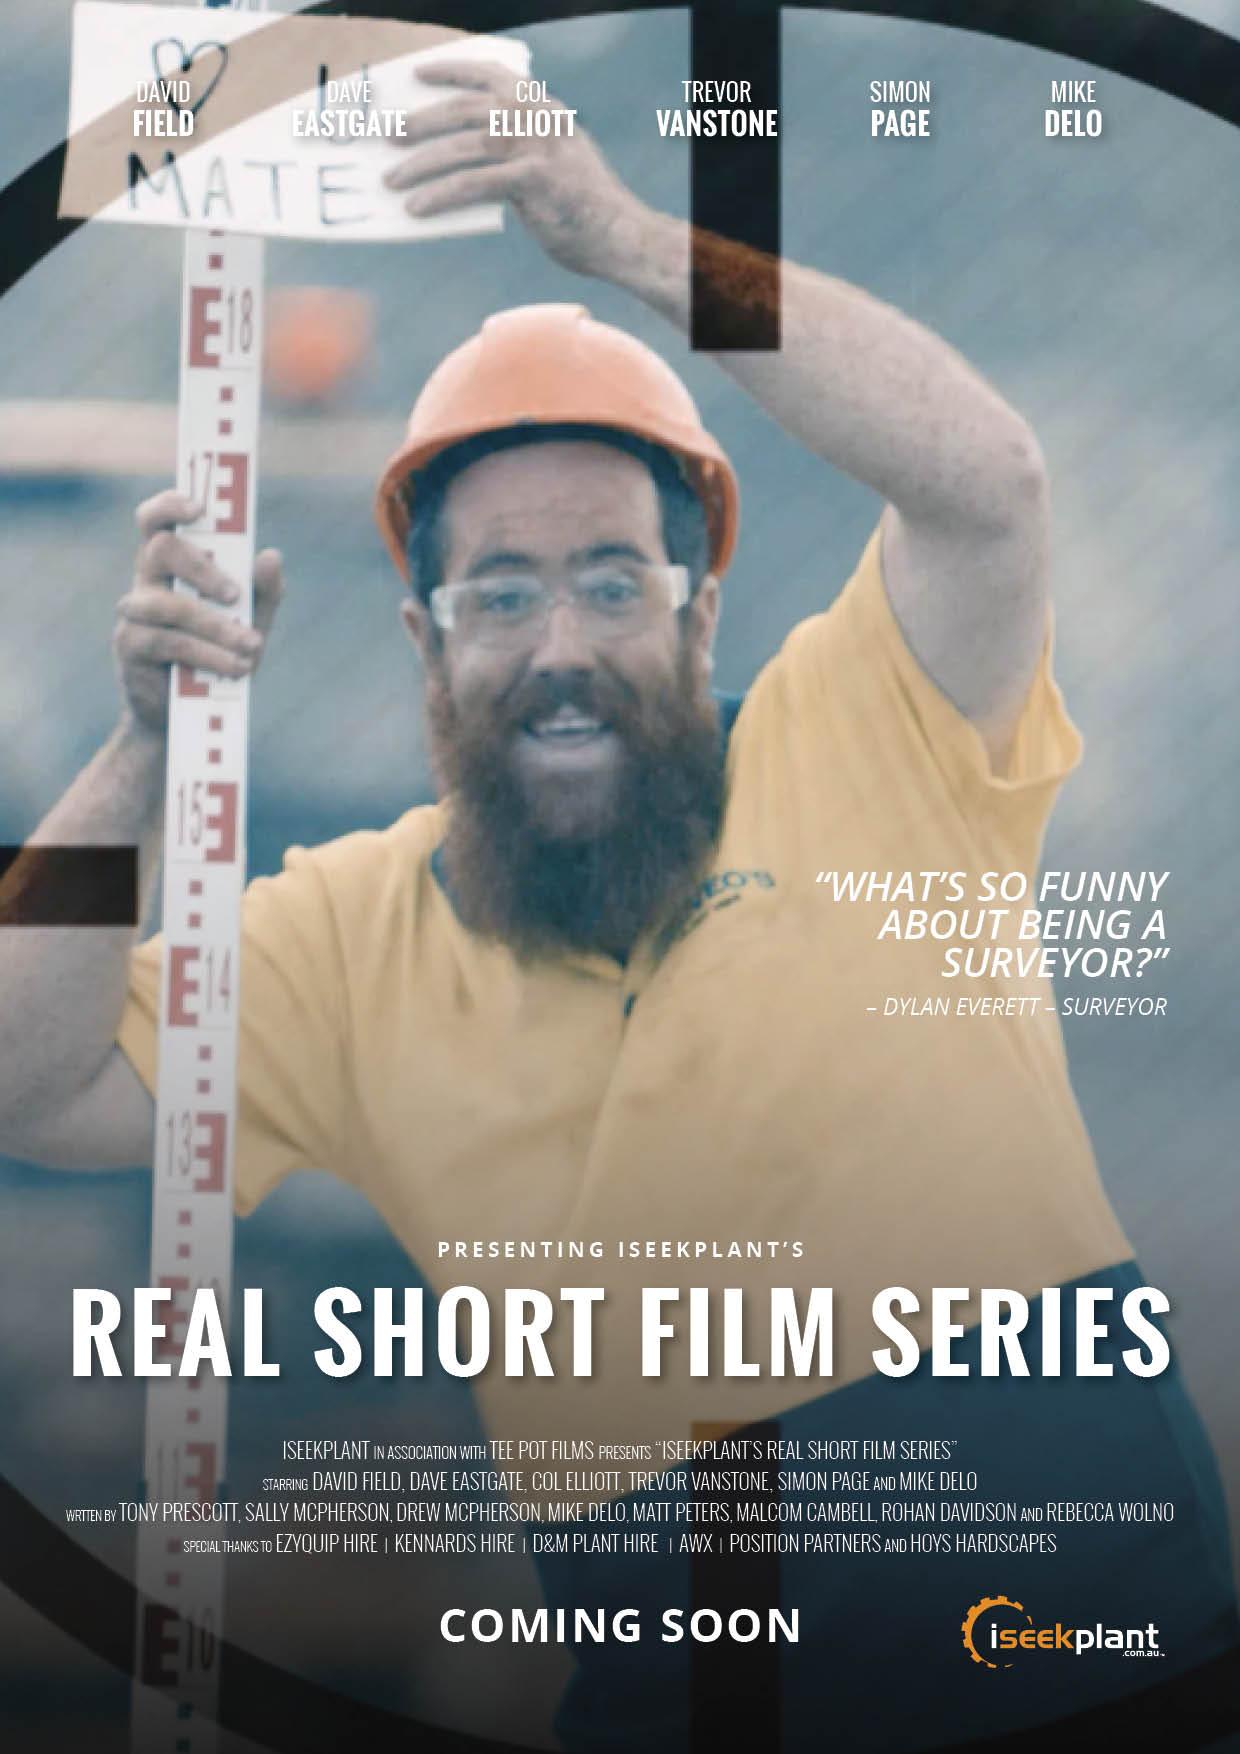 steveo - iseekplant real short film series